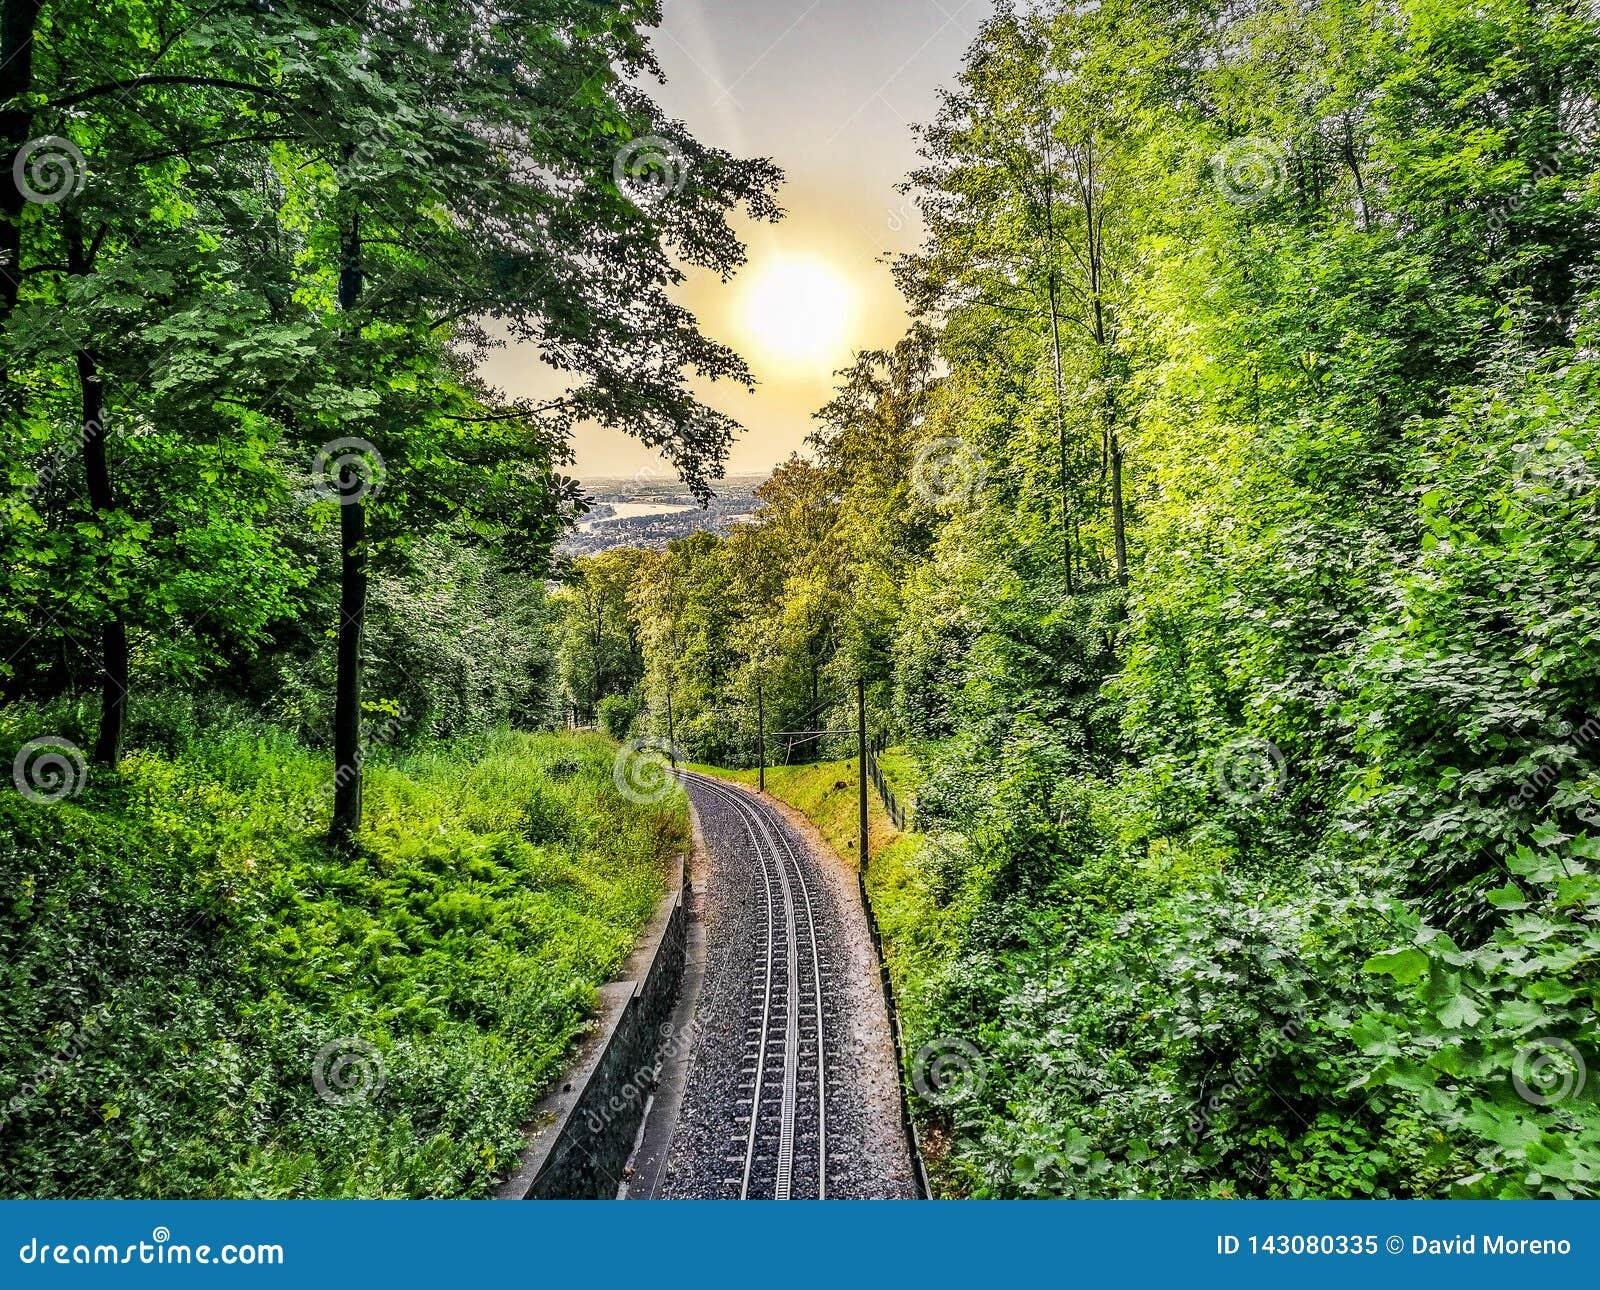 Drachenfelsspoorweg Duitsland in het midden van bomen tegen cityscape